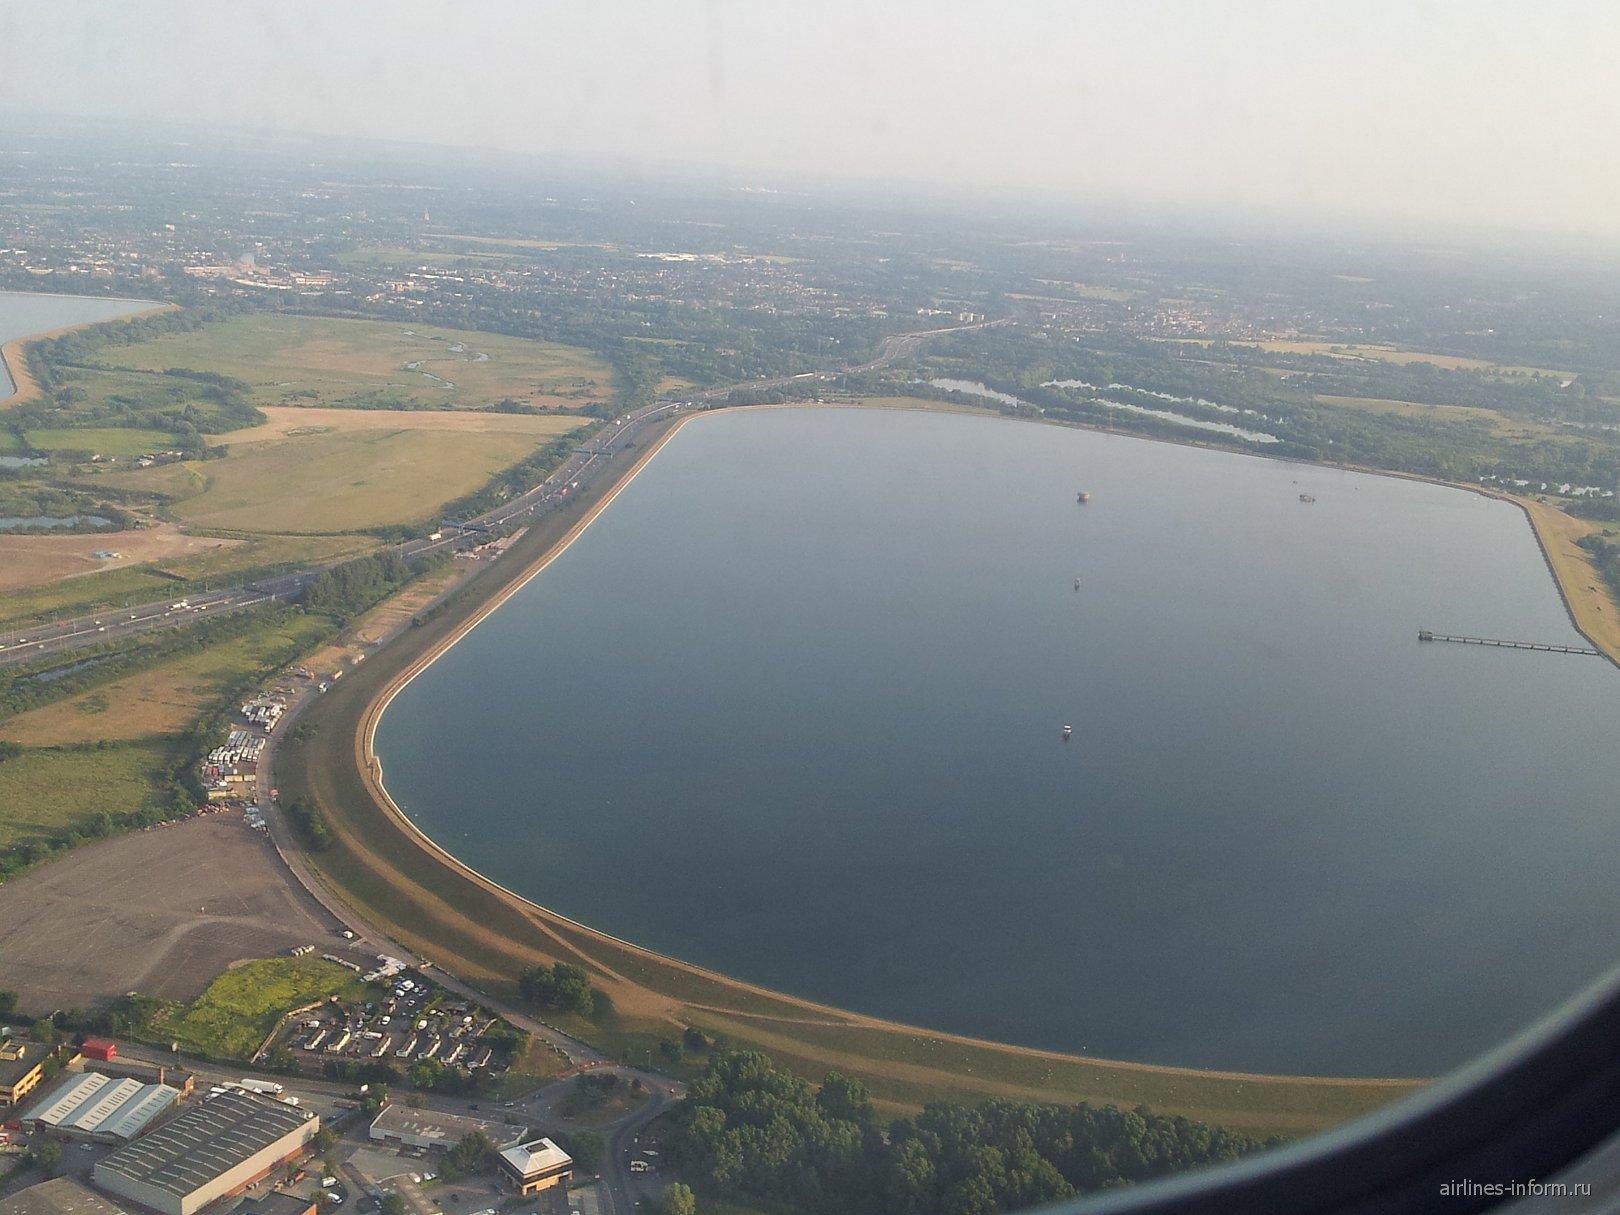 Взлет из лондонского аэропорта Хитроу